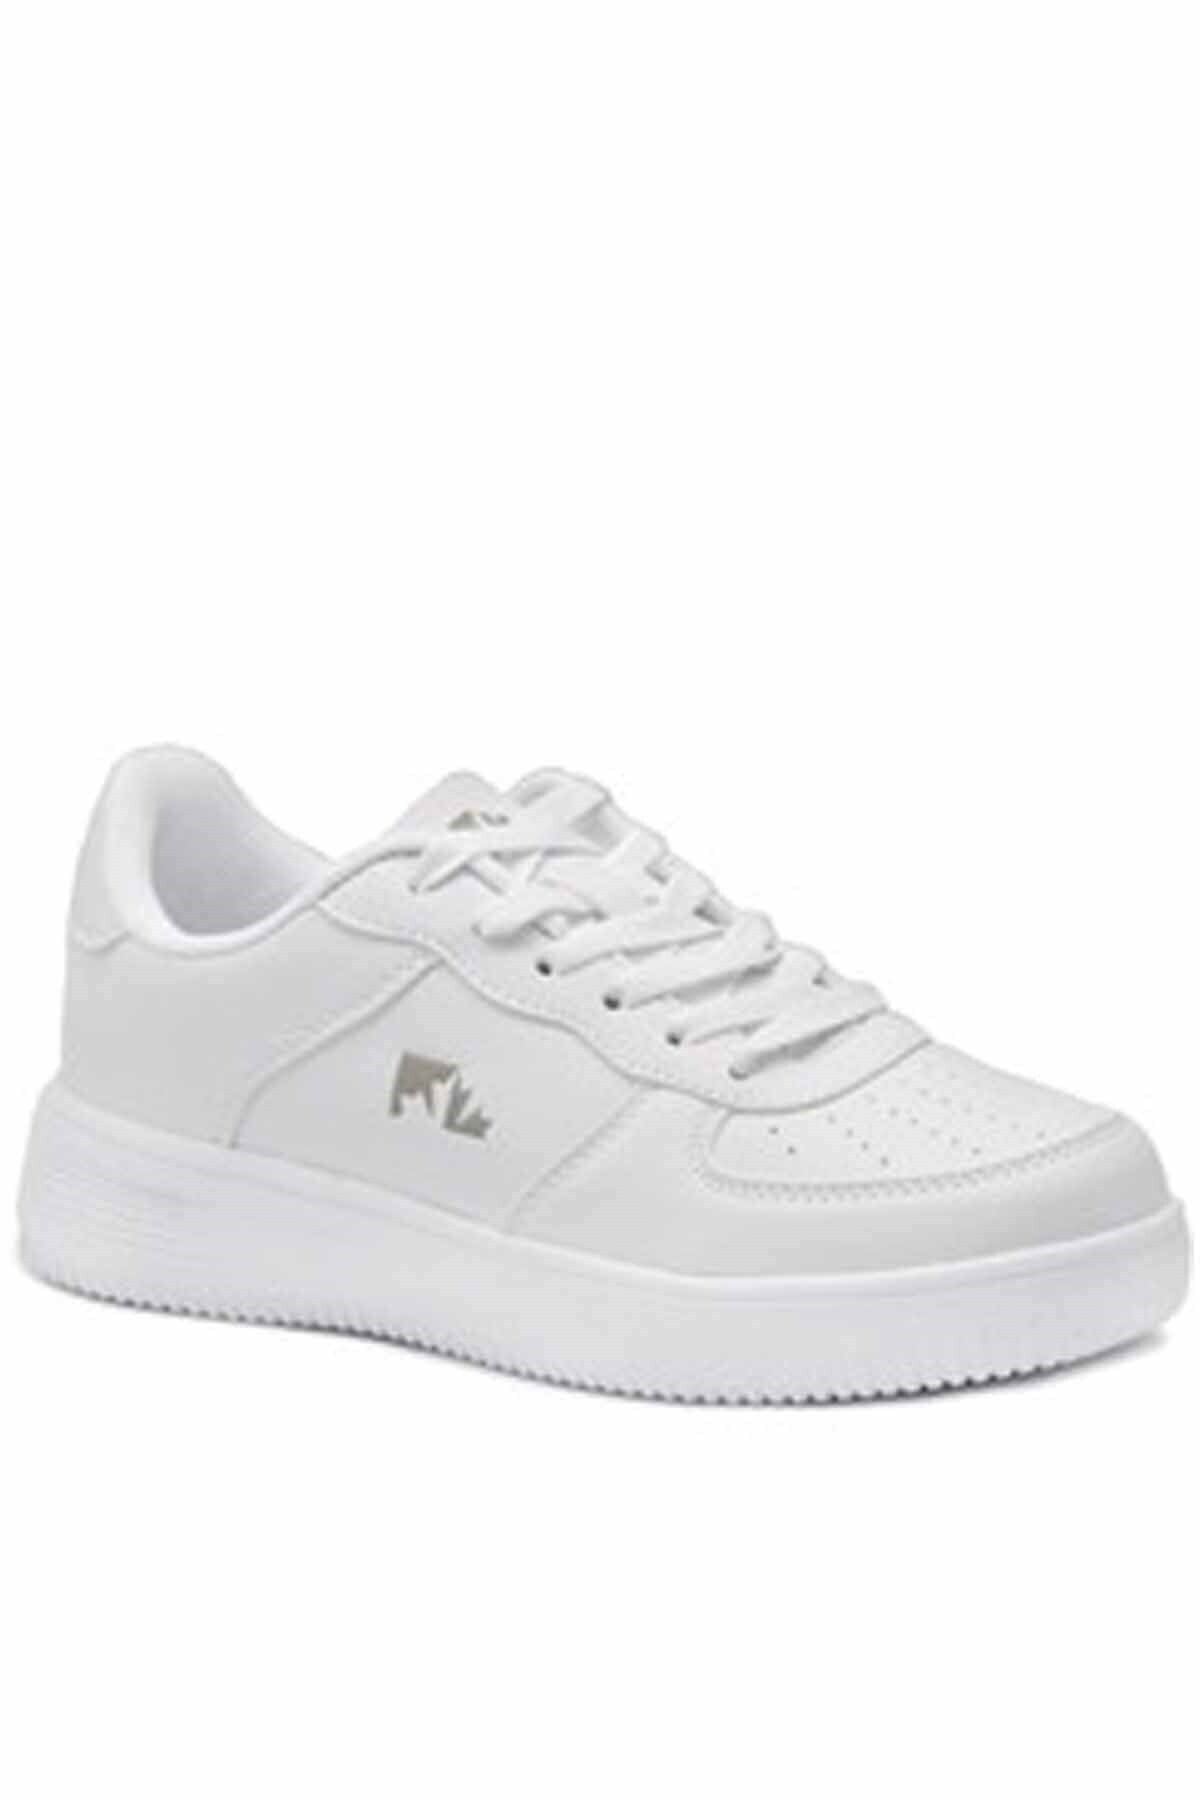 lumberjack Kadın Beyaz Günlük Ayakkabı 100416477 2